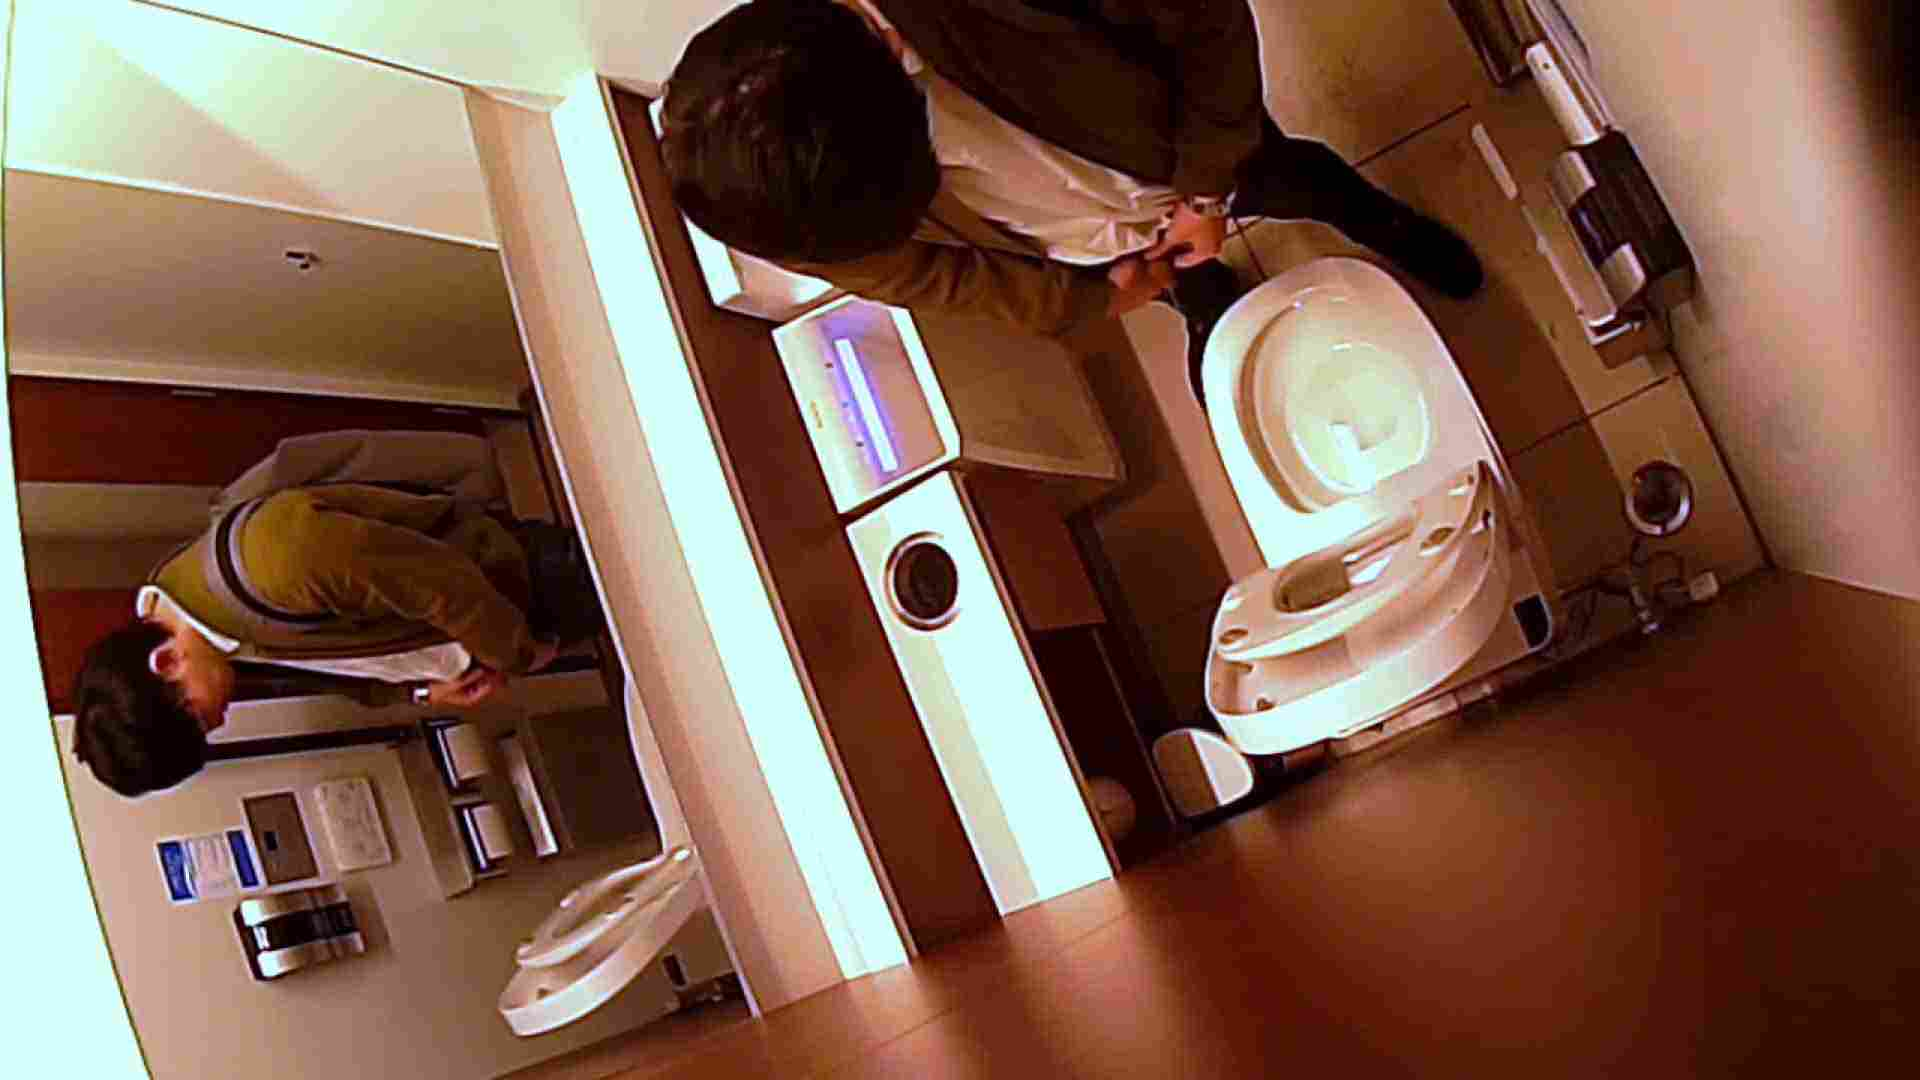 すみませんが覗かせてください Vol.30 トイレ | 0  100連発 37